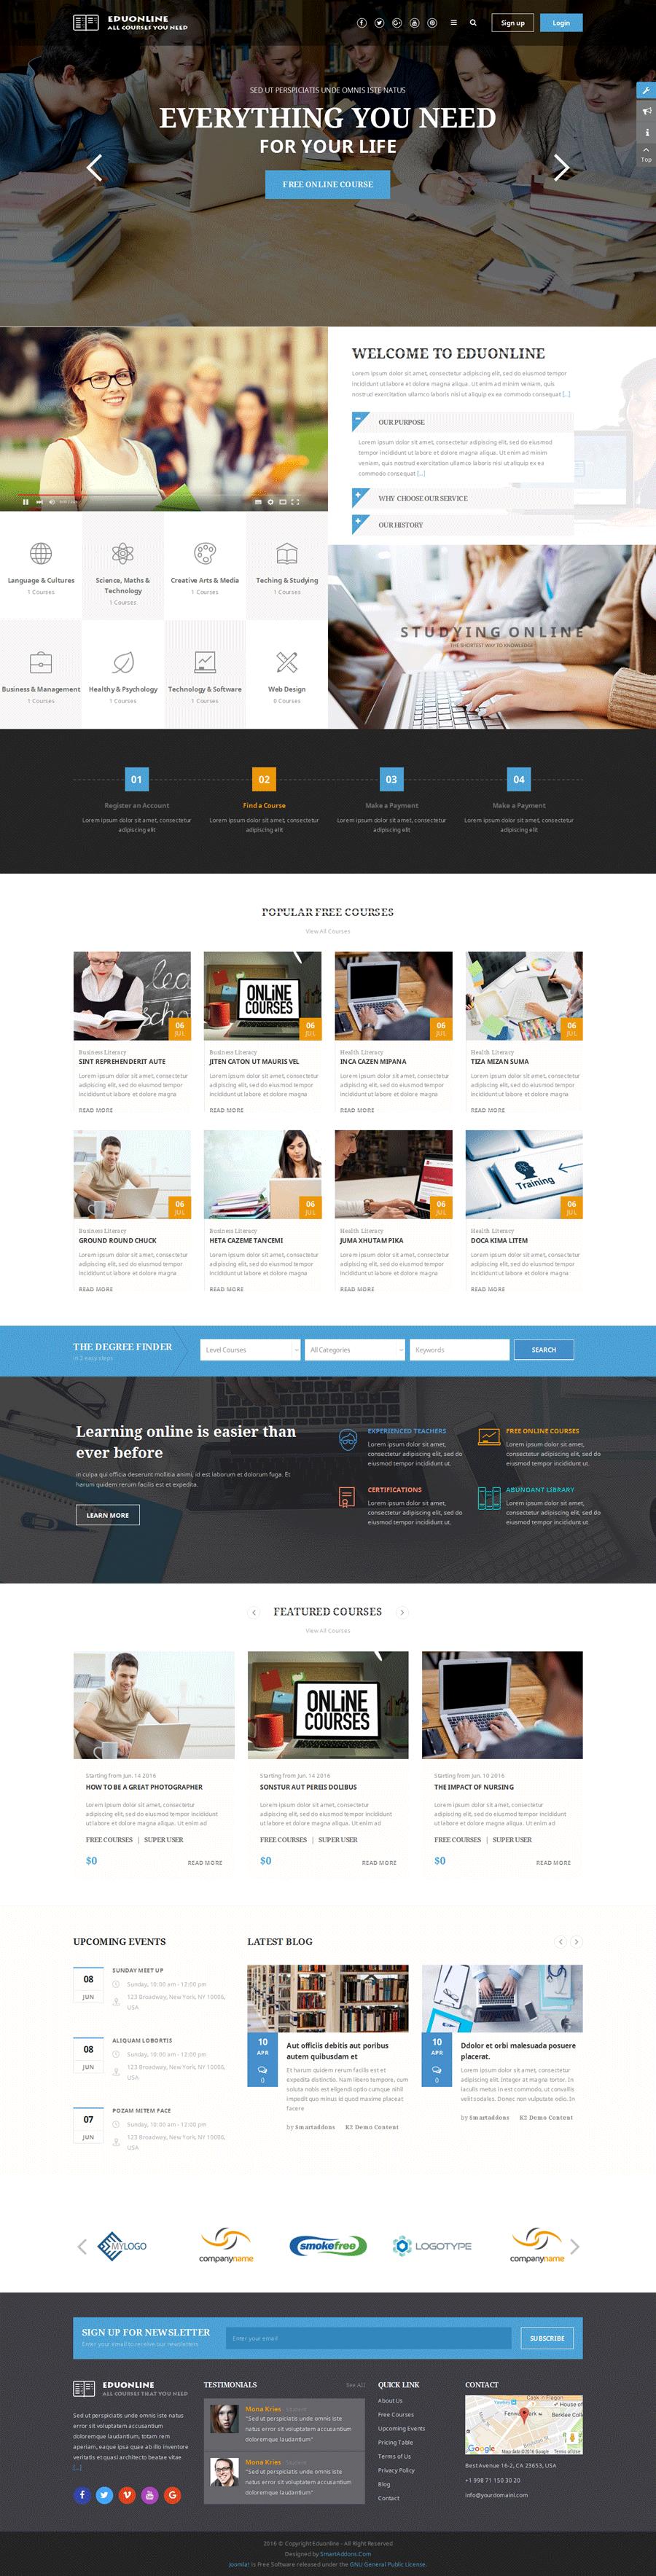 eduonline education university joomla template by smartaddons